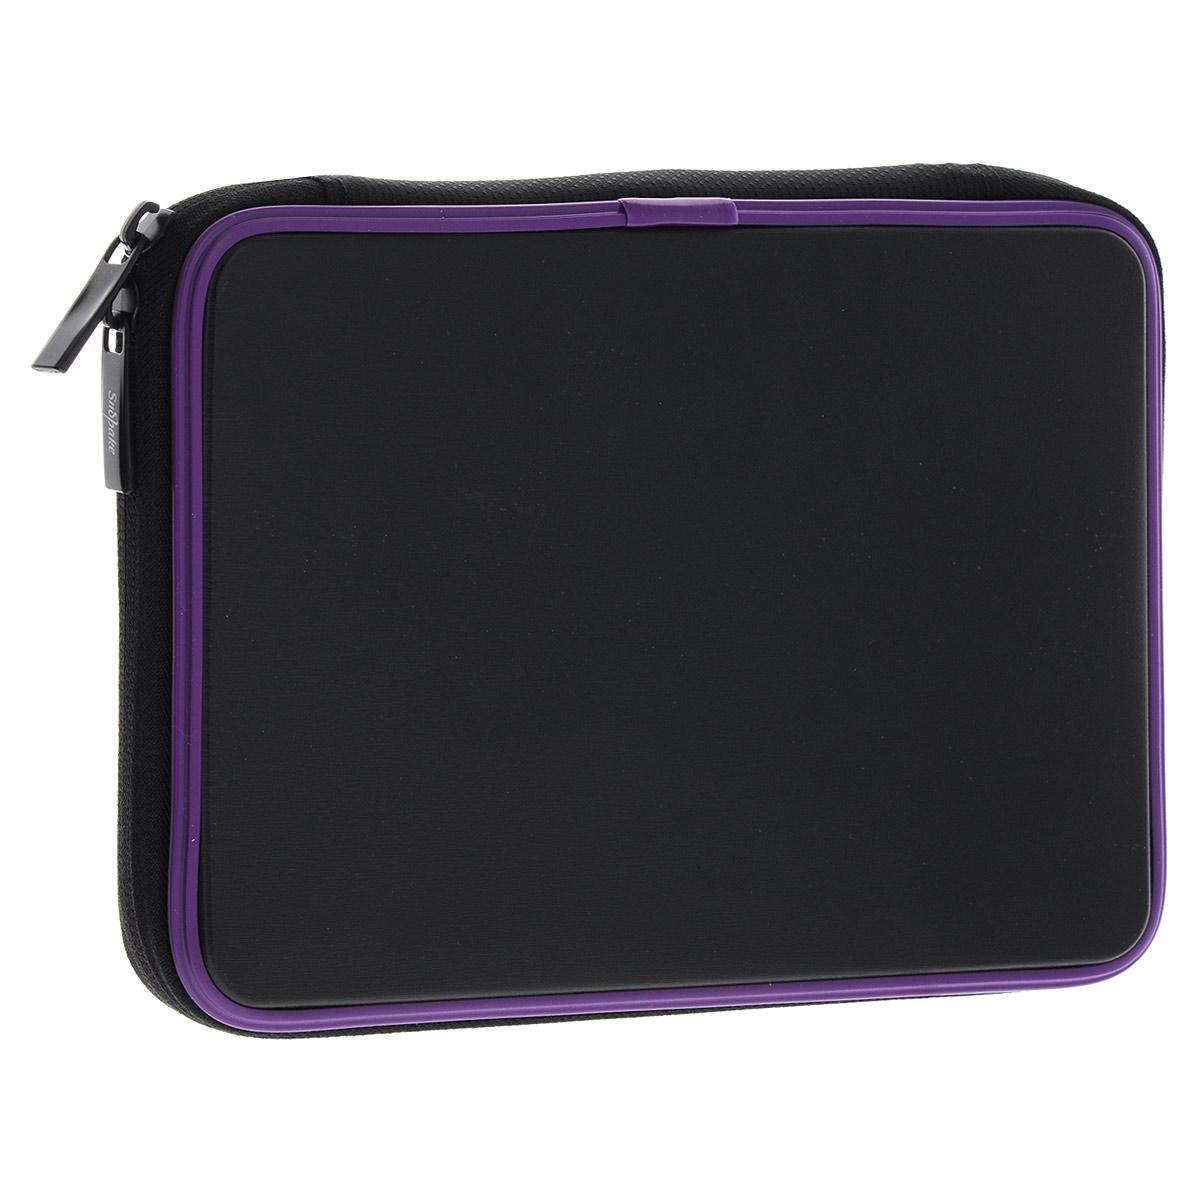 Чехол-обложка Snopake Gadget Guard для планшета iPad mini, цвет: черный, фиолетовыйPM.52.LG черныйЧехол-обложка Snopake Gadget Guard предназначен специально для планшета iPad mini. Чехол выполнен из водонепроницаемого пропилена и имеет мягкое внутреннее покрытие.Чехол идеально подходит к любым моделям благодаря эластичным боковым панелям. Закрывается на застежку-молнию с двумя бегунками. Предусмотрена угловая фиксация. Чехол защитит планшет от механических повреждений, предотвратит попадание пыли и грязи.Практичен в использовании и имеет стильный дизайн.